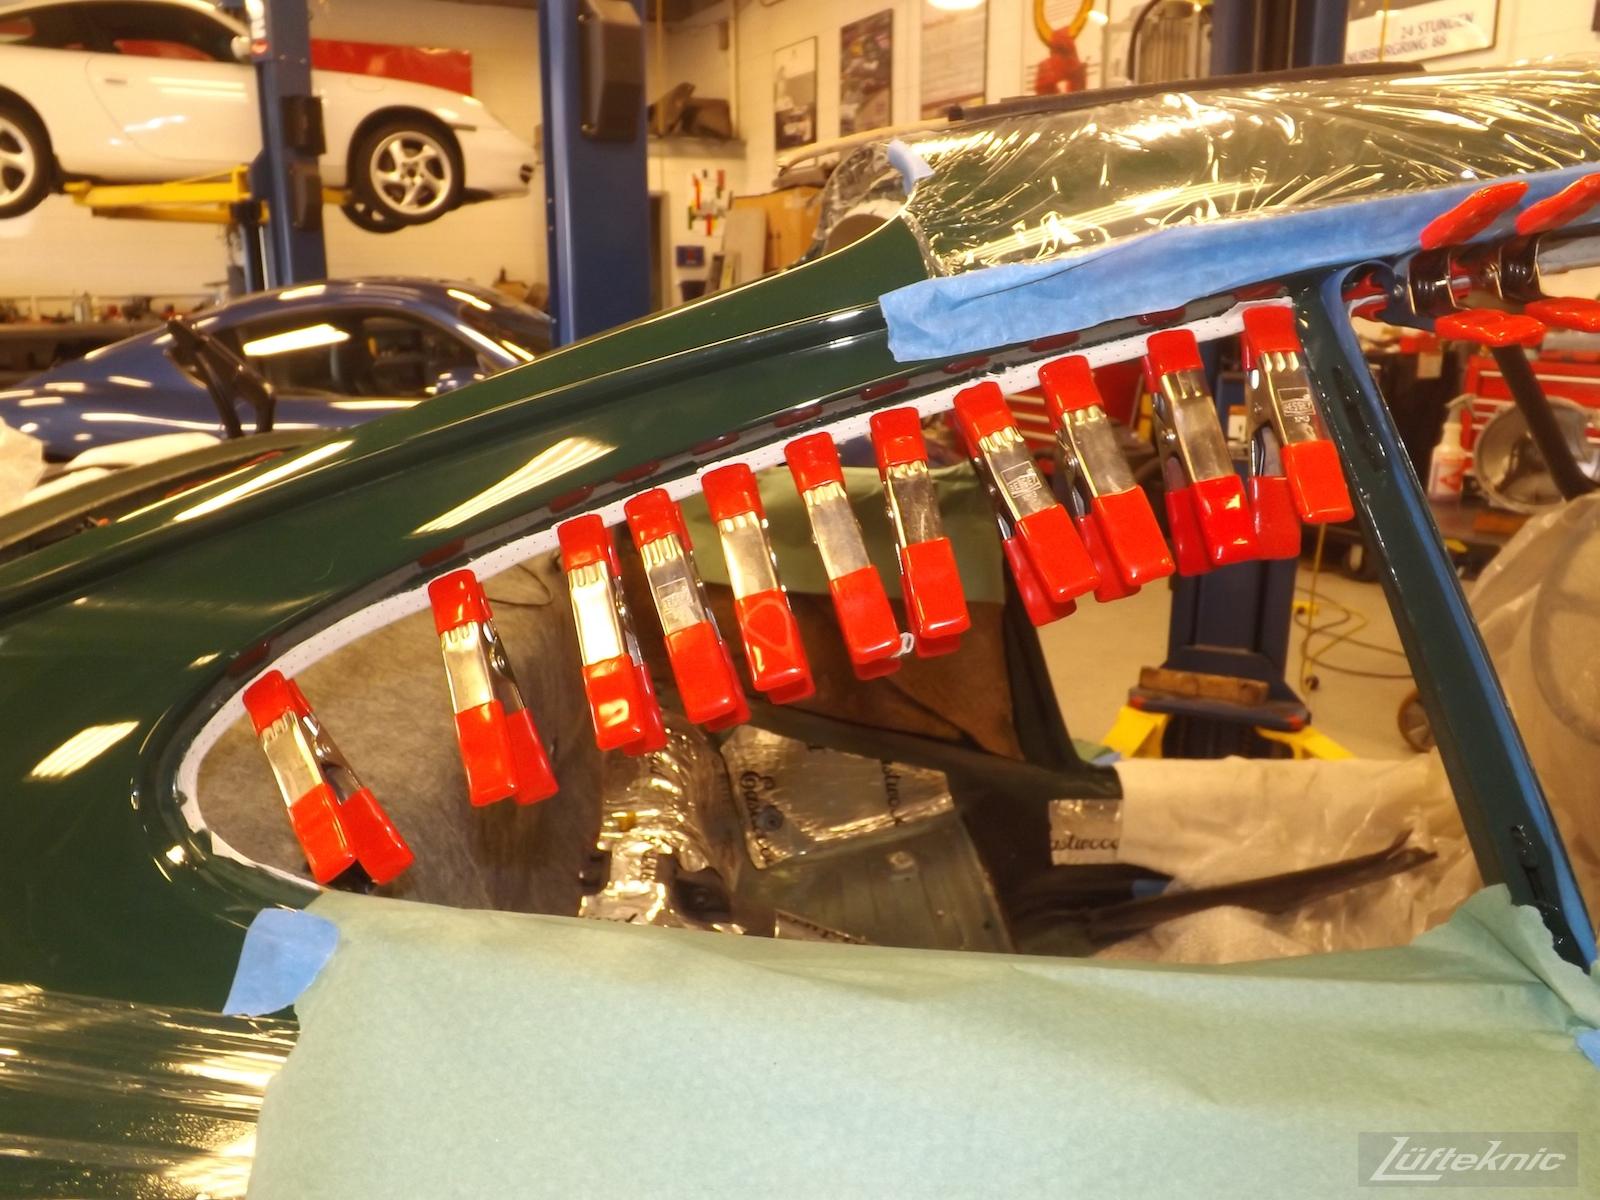 Headliner installation on an Irish Green Porsche 912 undergoing restoration at Lufteknic.